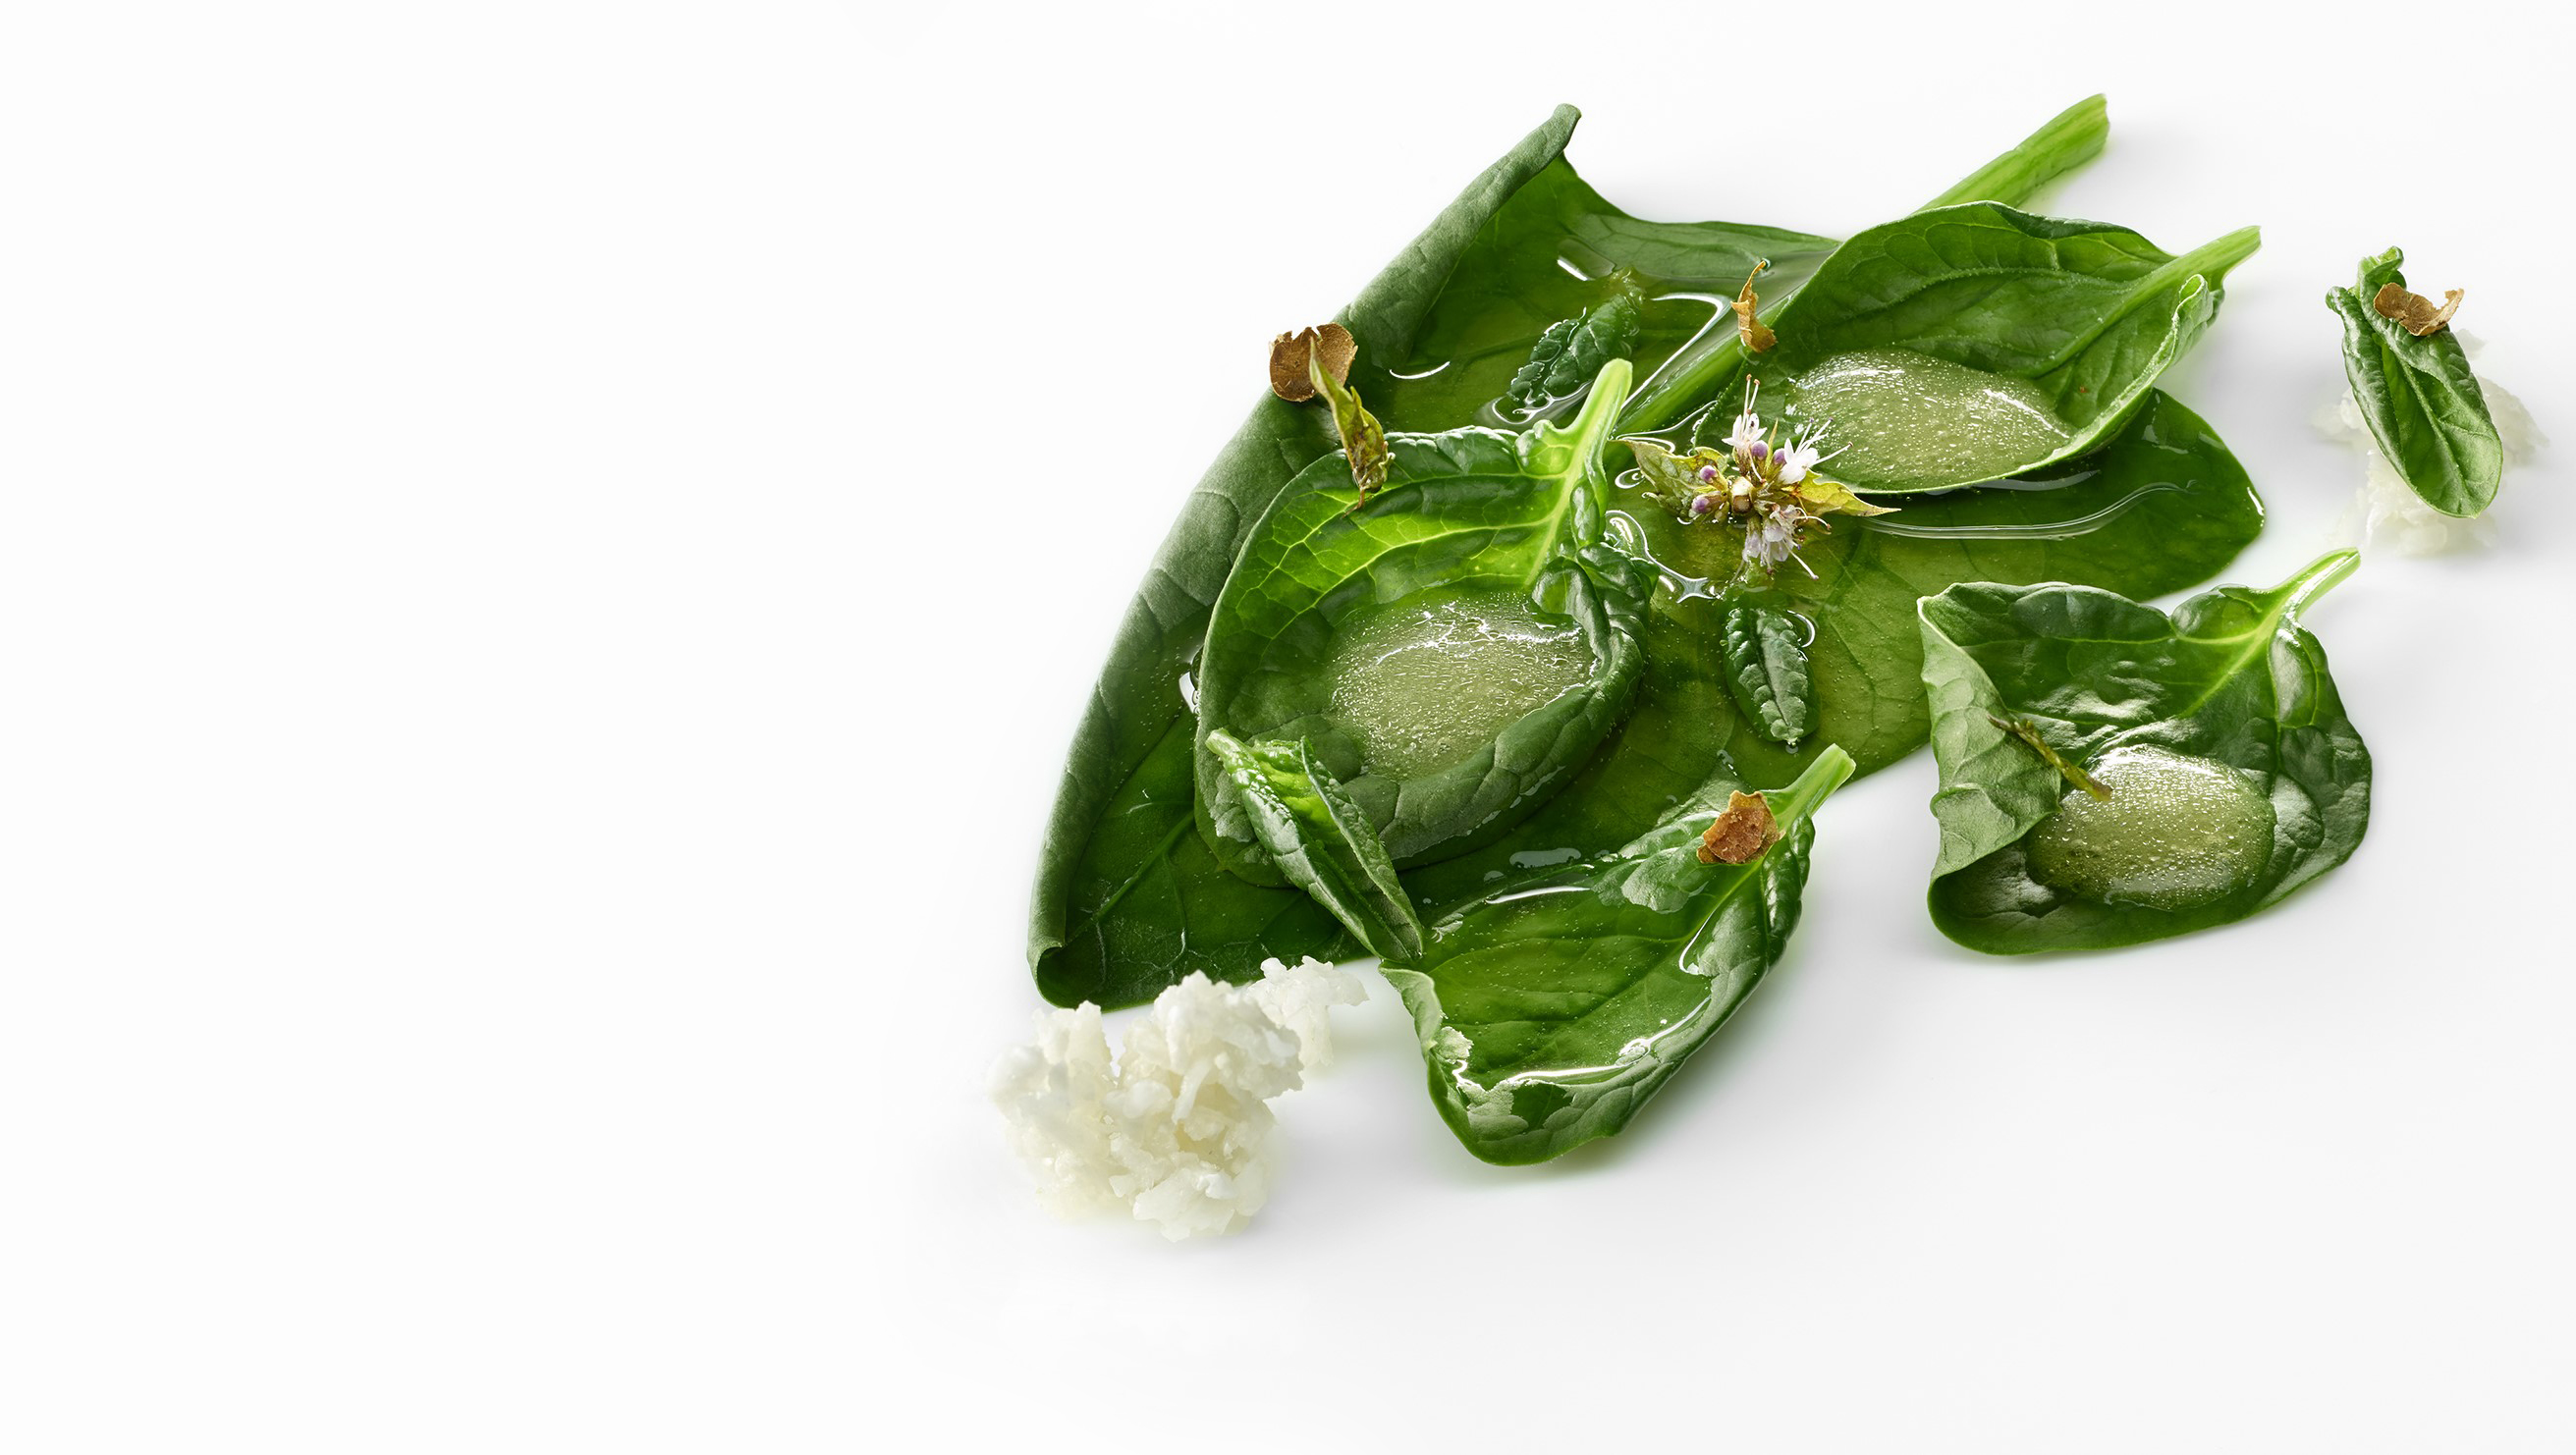 Espinacas guisadas, leche de almendra y aceite de oliva